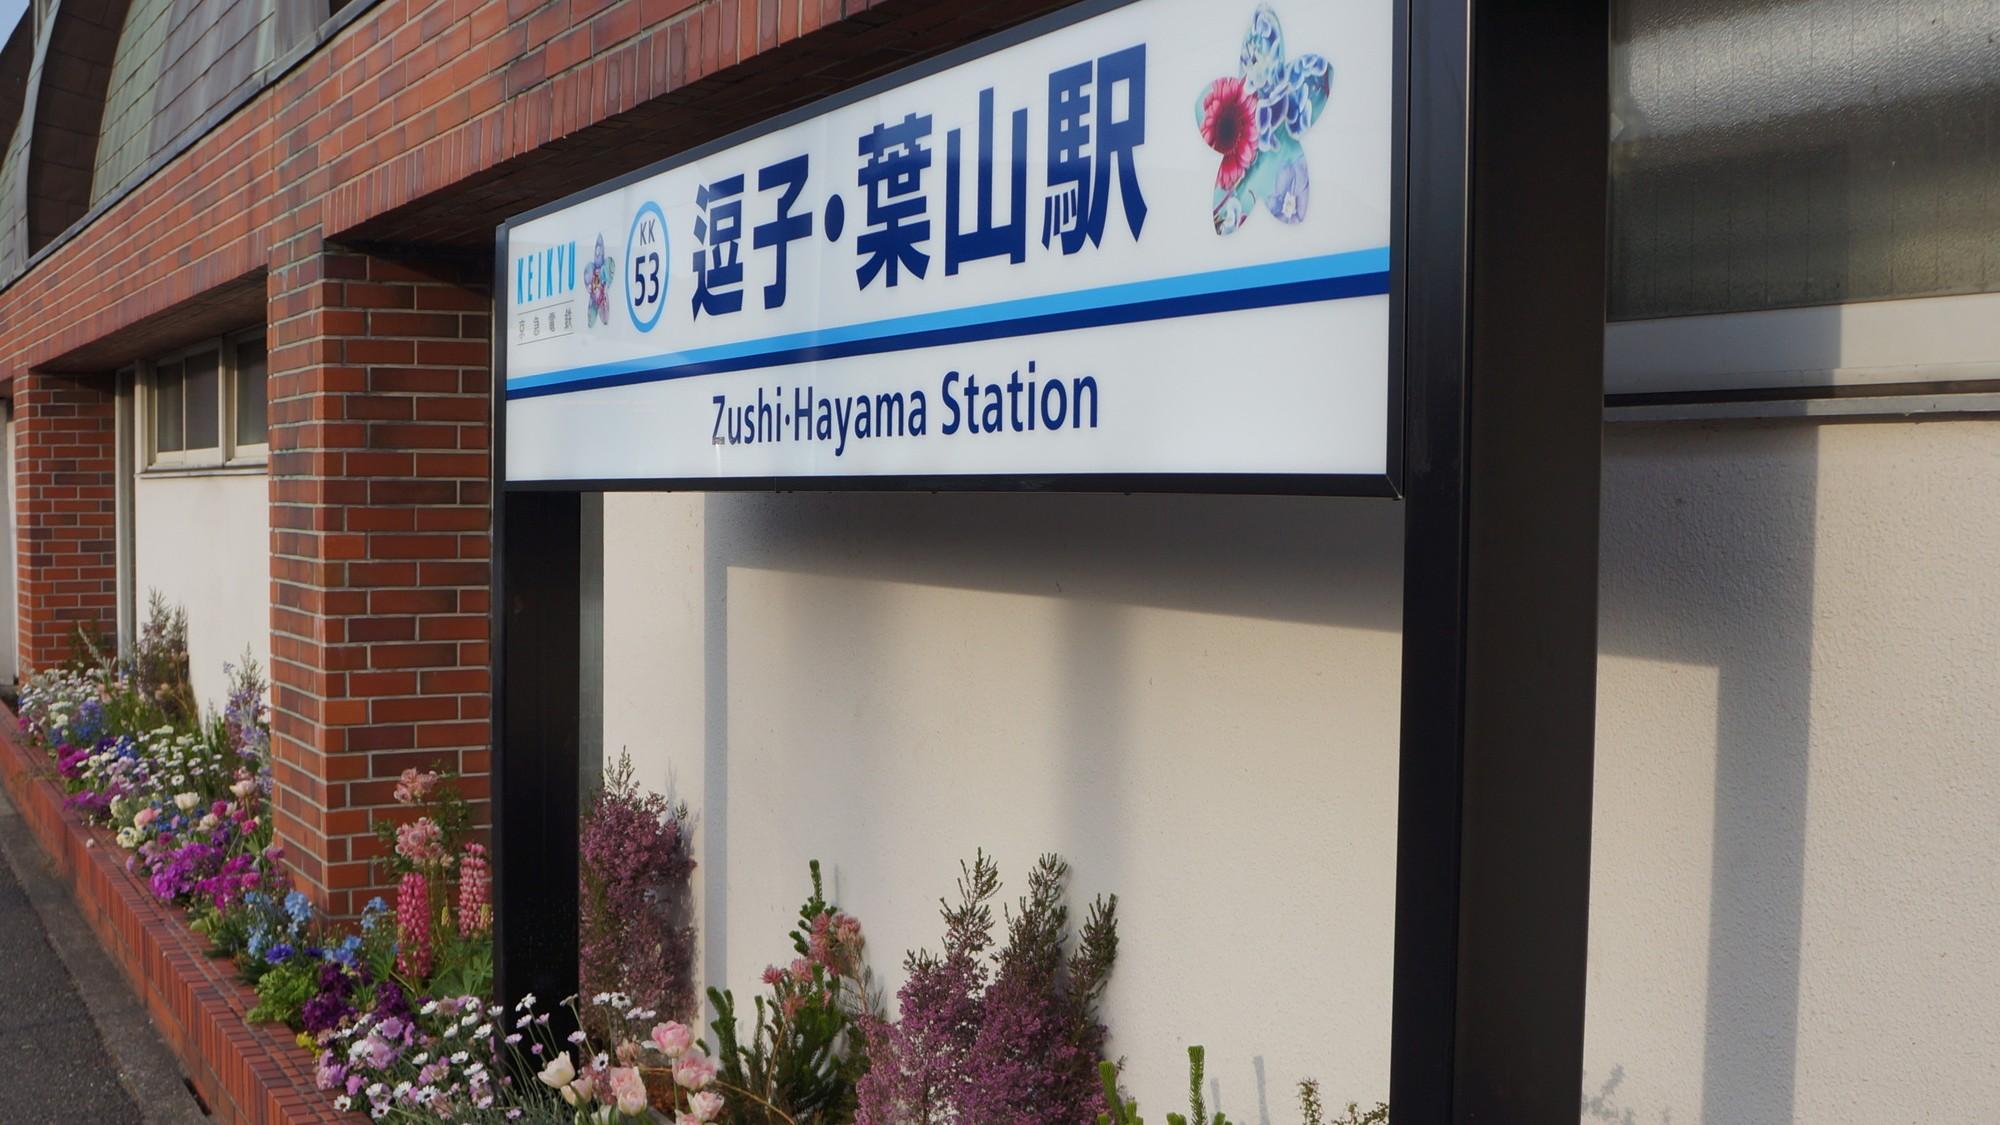 「新逗子」から「逗子・葉山」に駅名変更…住民が嫌がったワケ